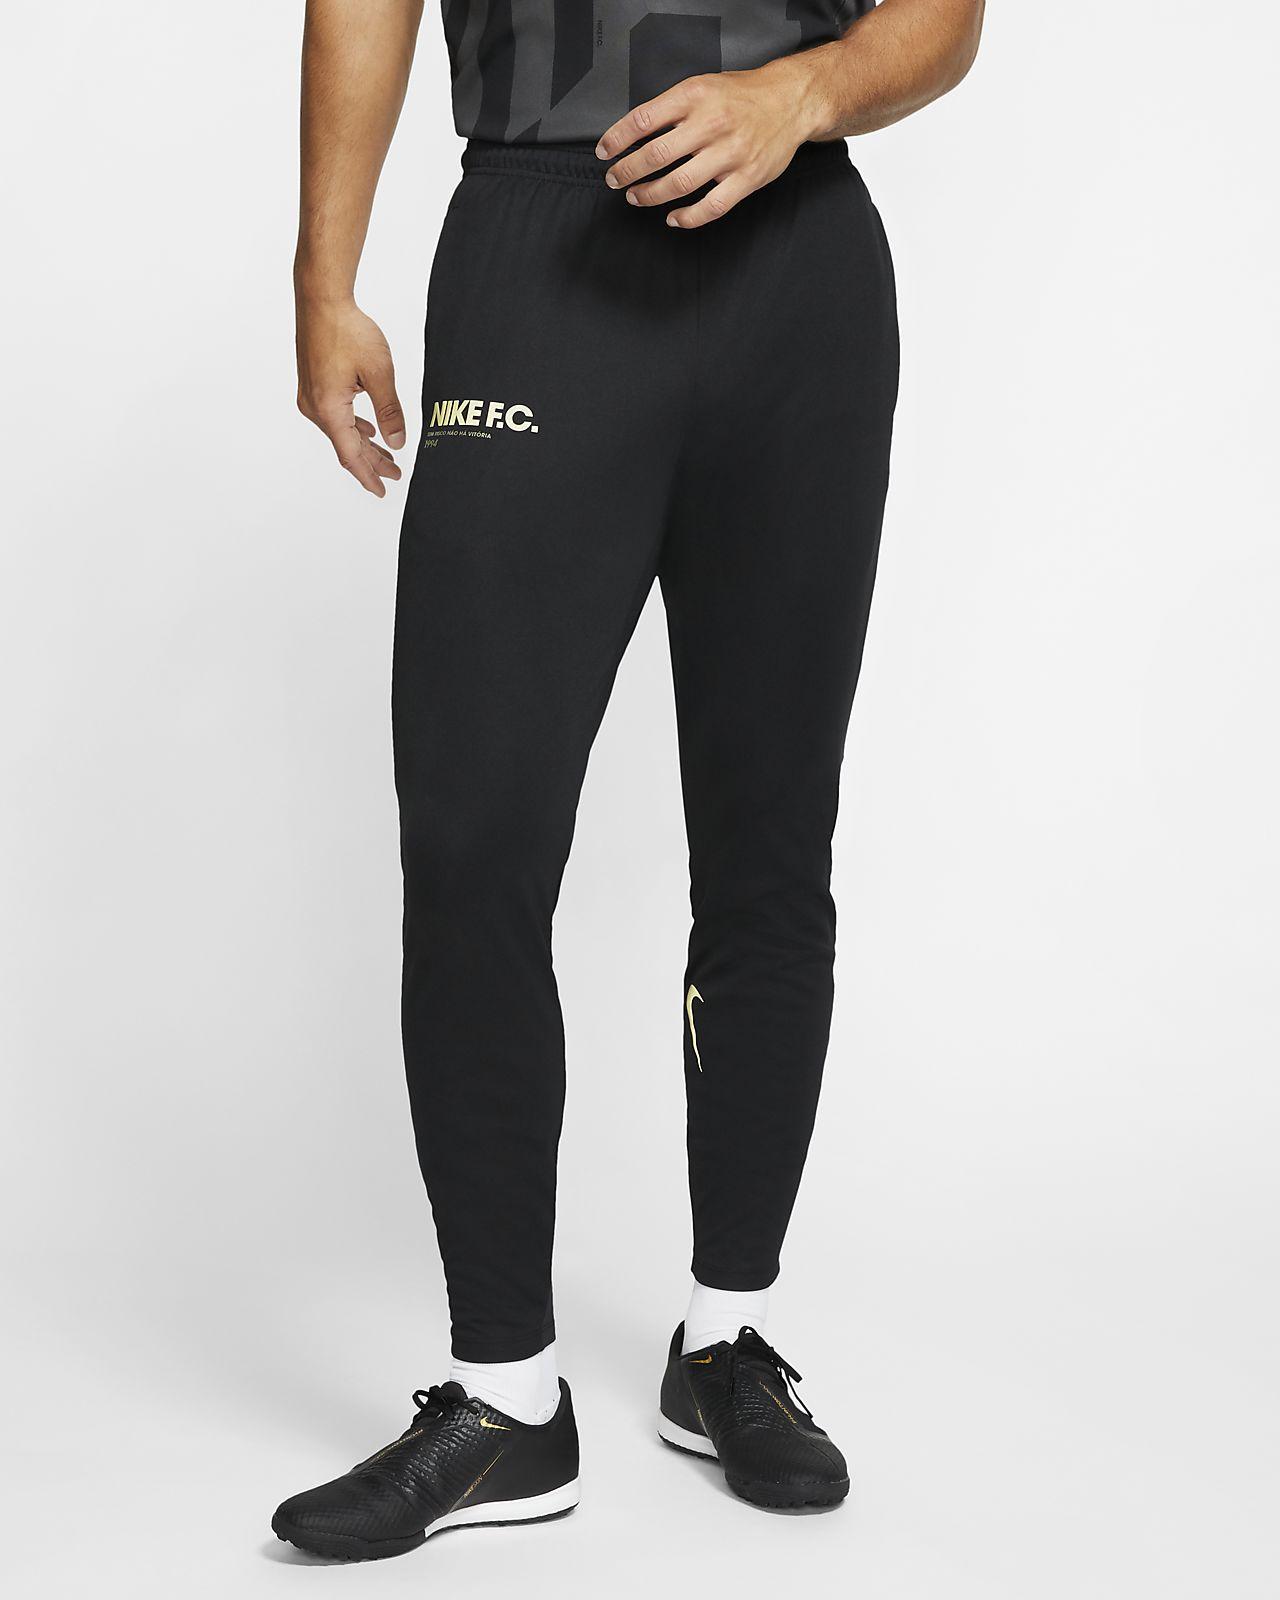 Ανδρικό παντελόνι Nike F.C.